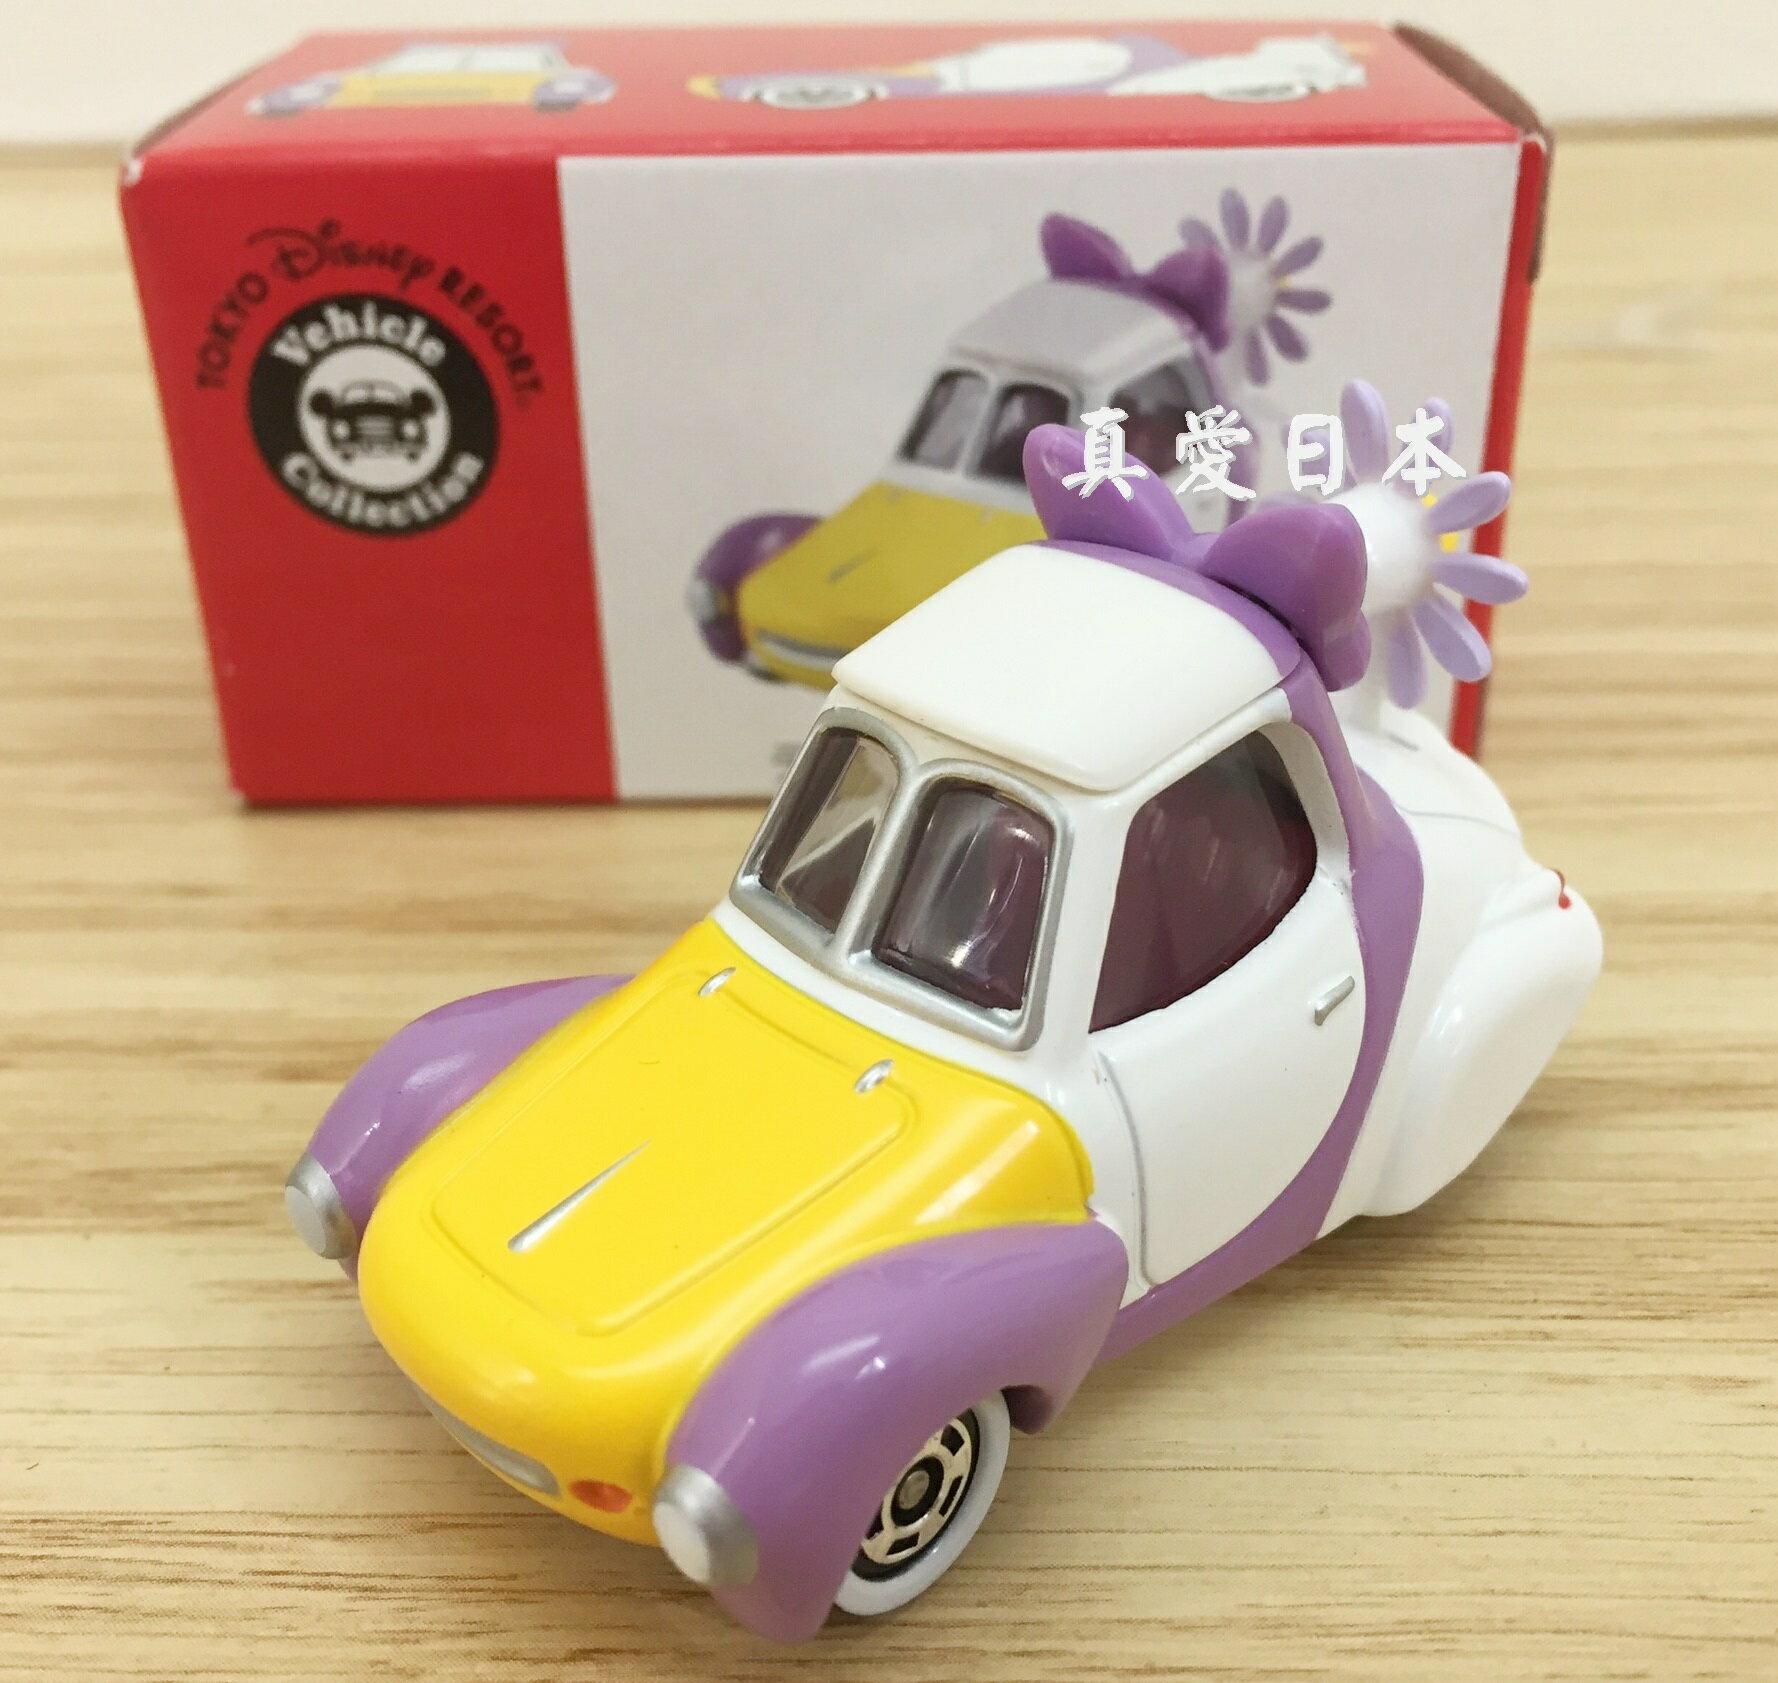 【真愛日本】14121900031 限定樂園小車-黛西 迪士尼樂園 模型車 合金 收藏 模型車 造型車